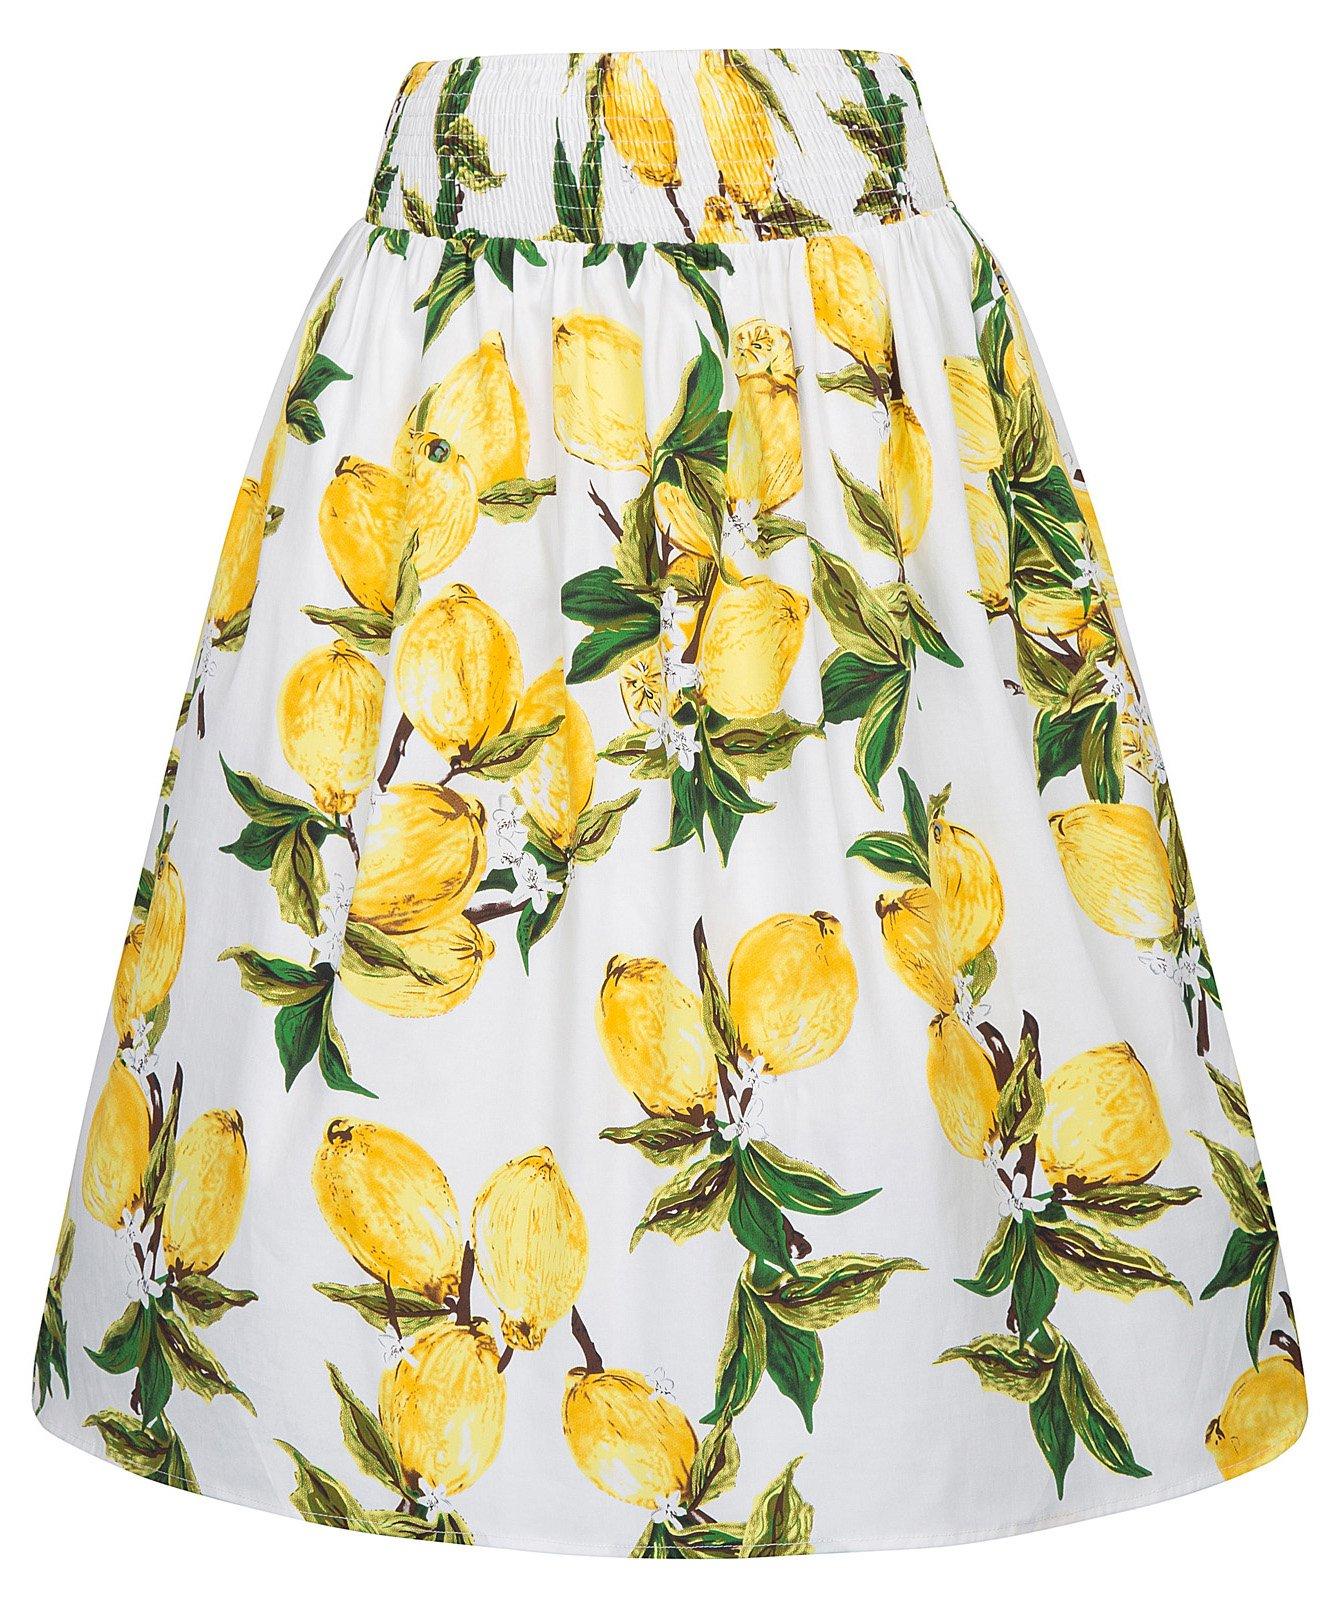 Kate Kasin 50's Style Flared Skirt Lemon Print Yellow Skirt Elastic Waist